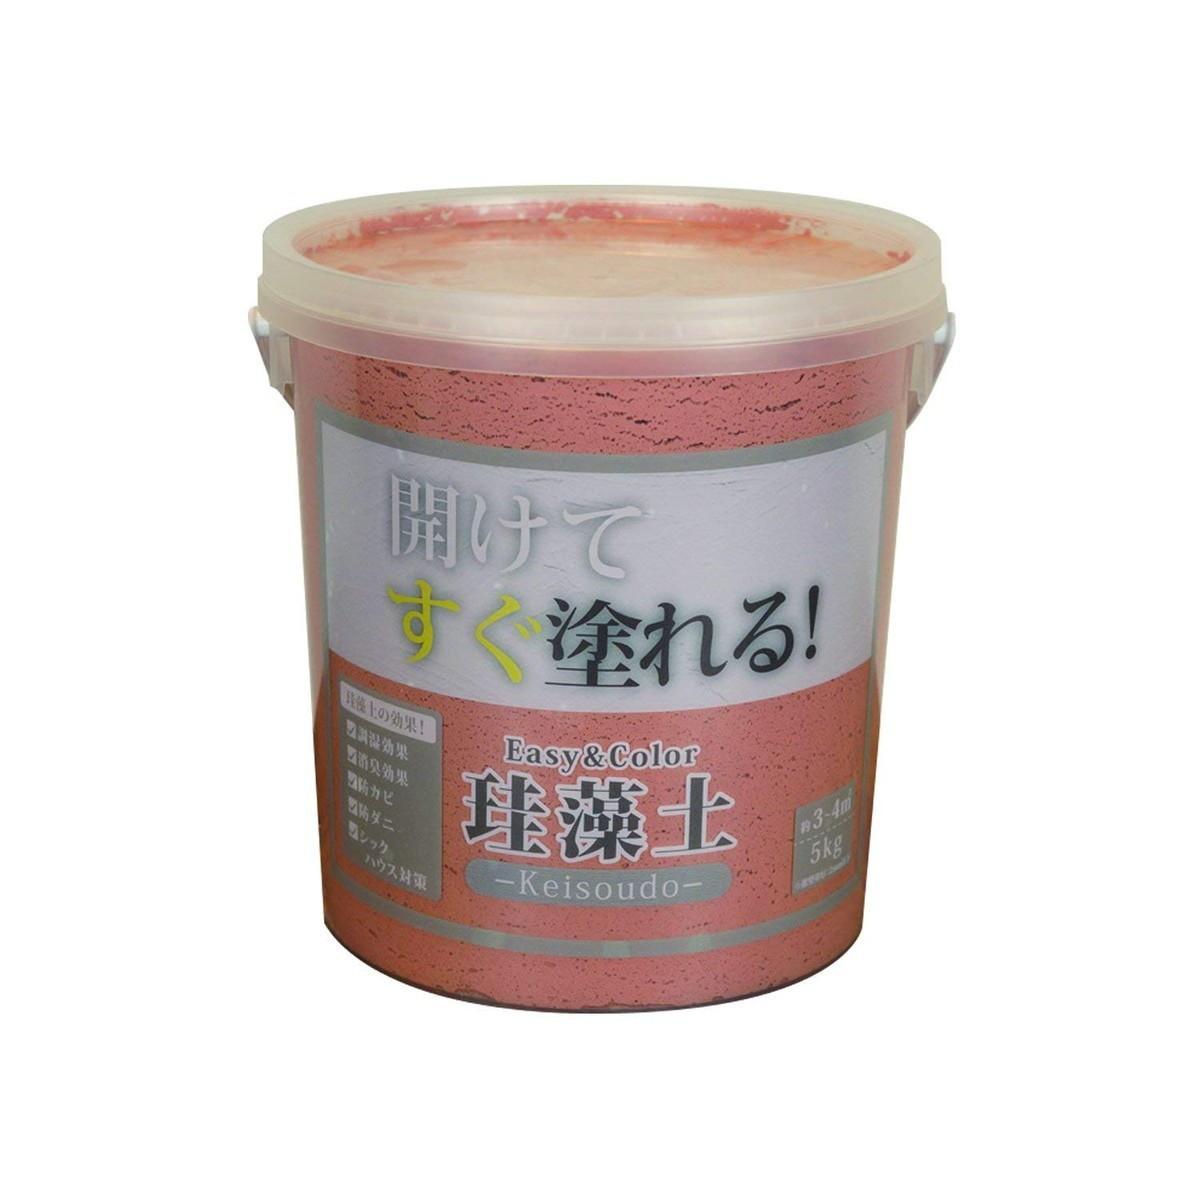 ワンウィル Easy&Color珪藻土 5kg テラコッタ 3793060008【クーポン配布中】